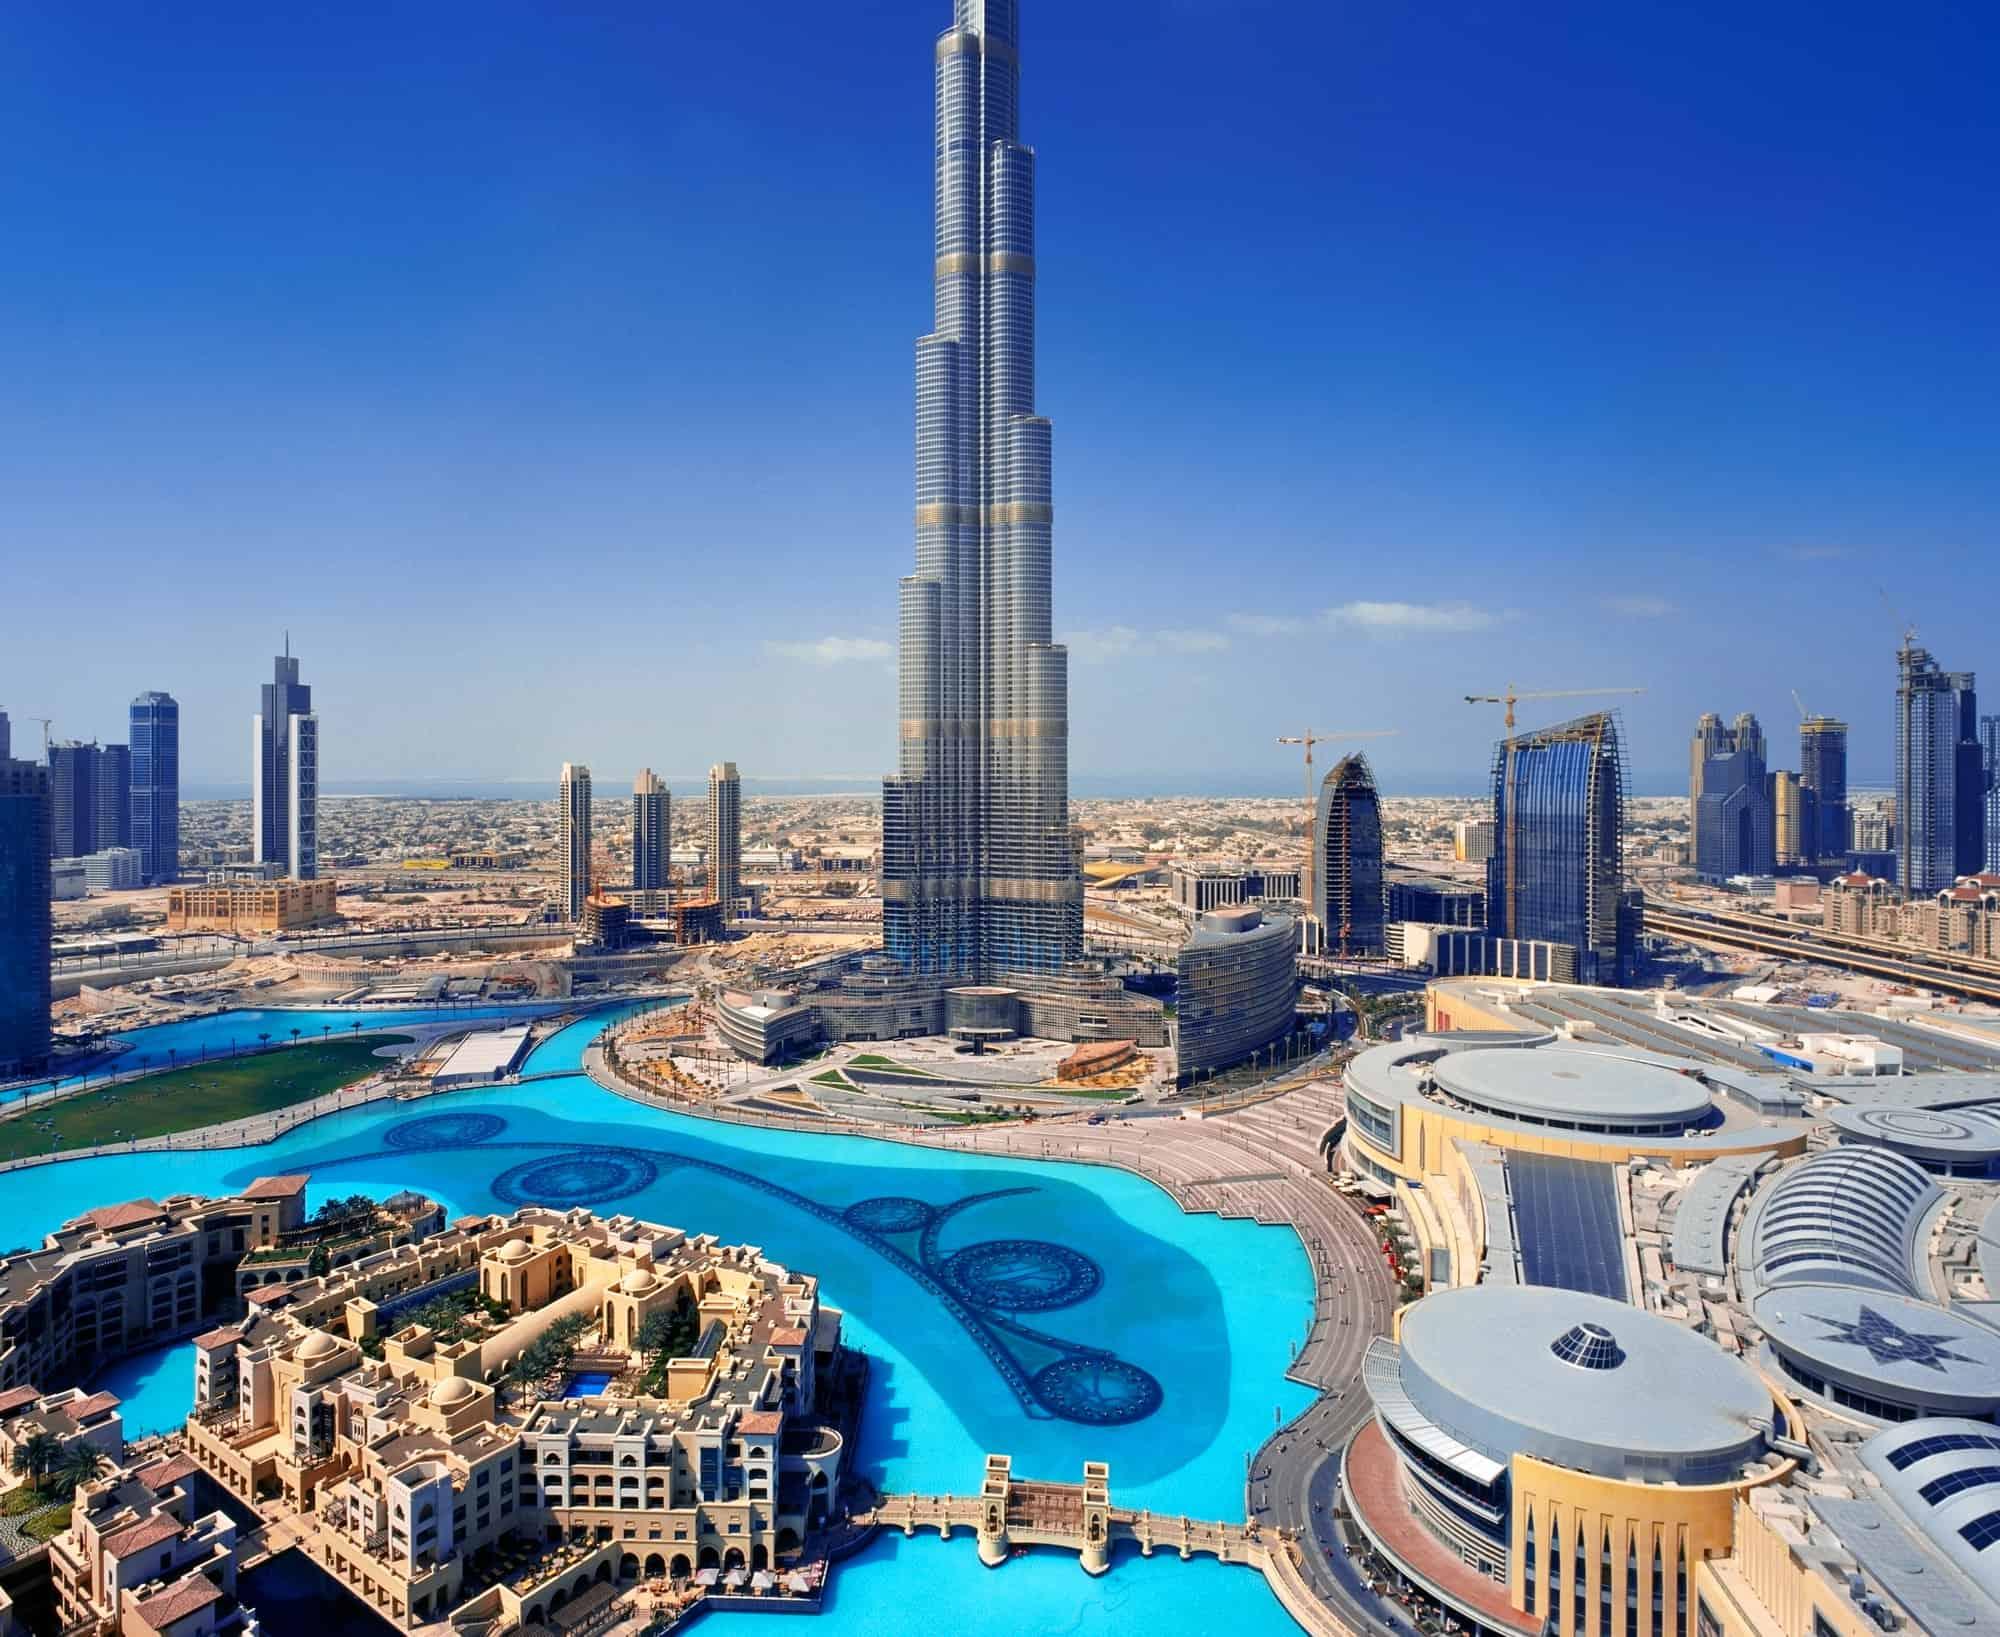 بحث عن مجتمع الإمارات بين الماضي والحاضر